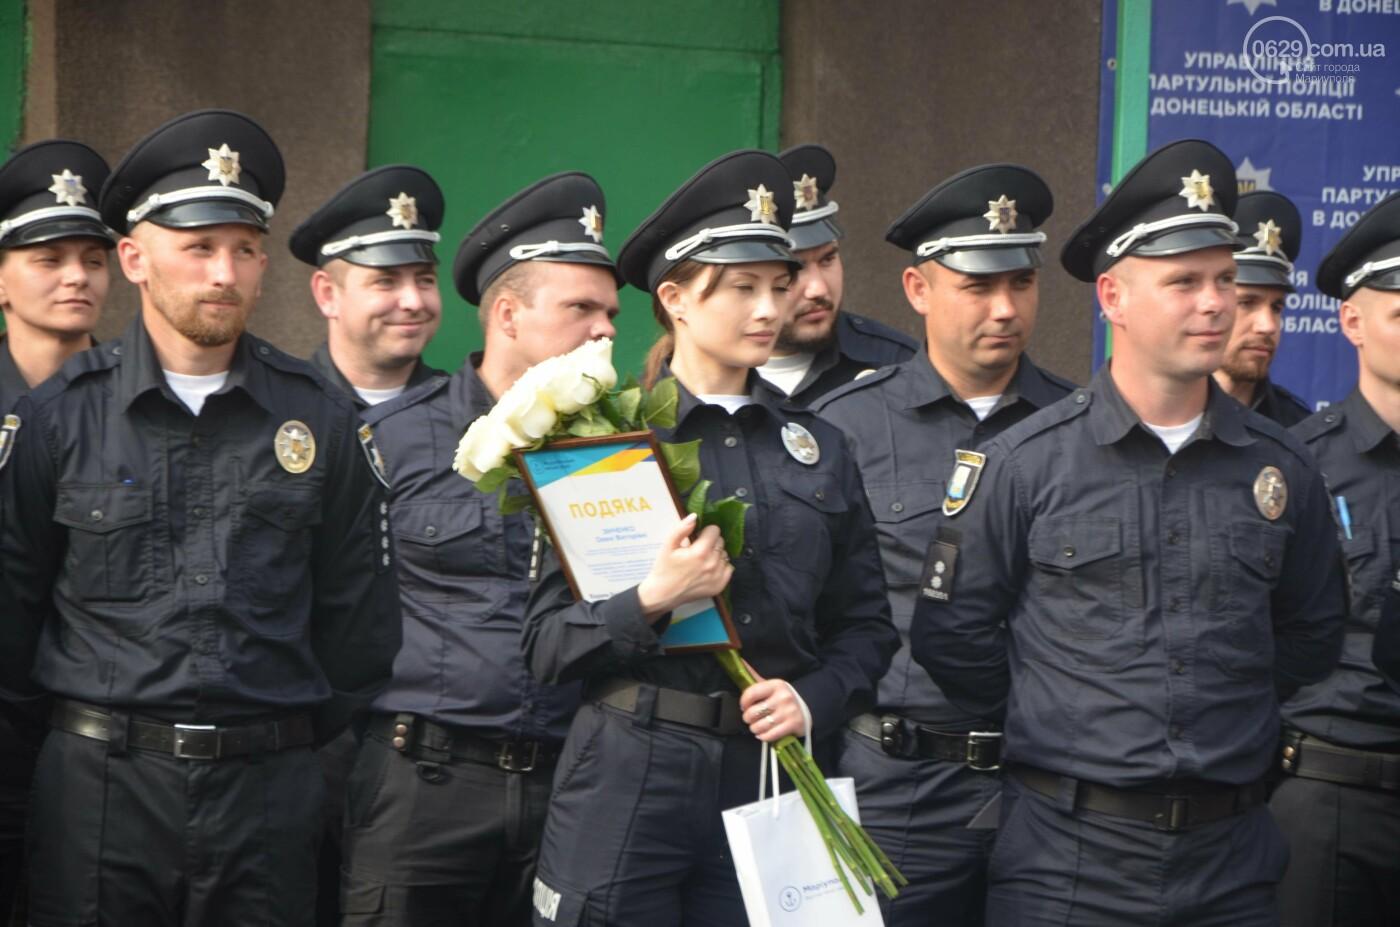 """""""Не остановить идею, час которой настал!"""" Как патрульная полиция прожила первую пятилетку , - ФОТОРЕПОРТАЖ, фото-4"""